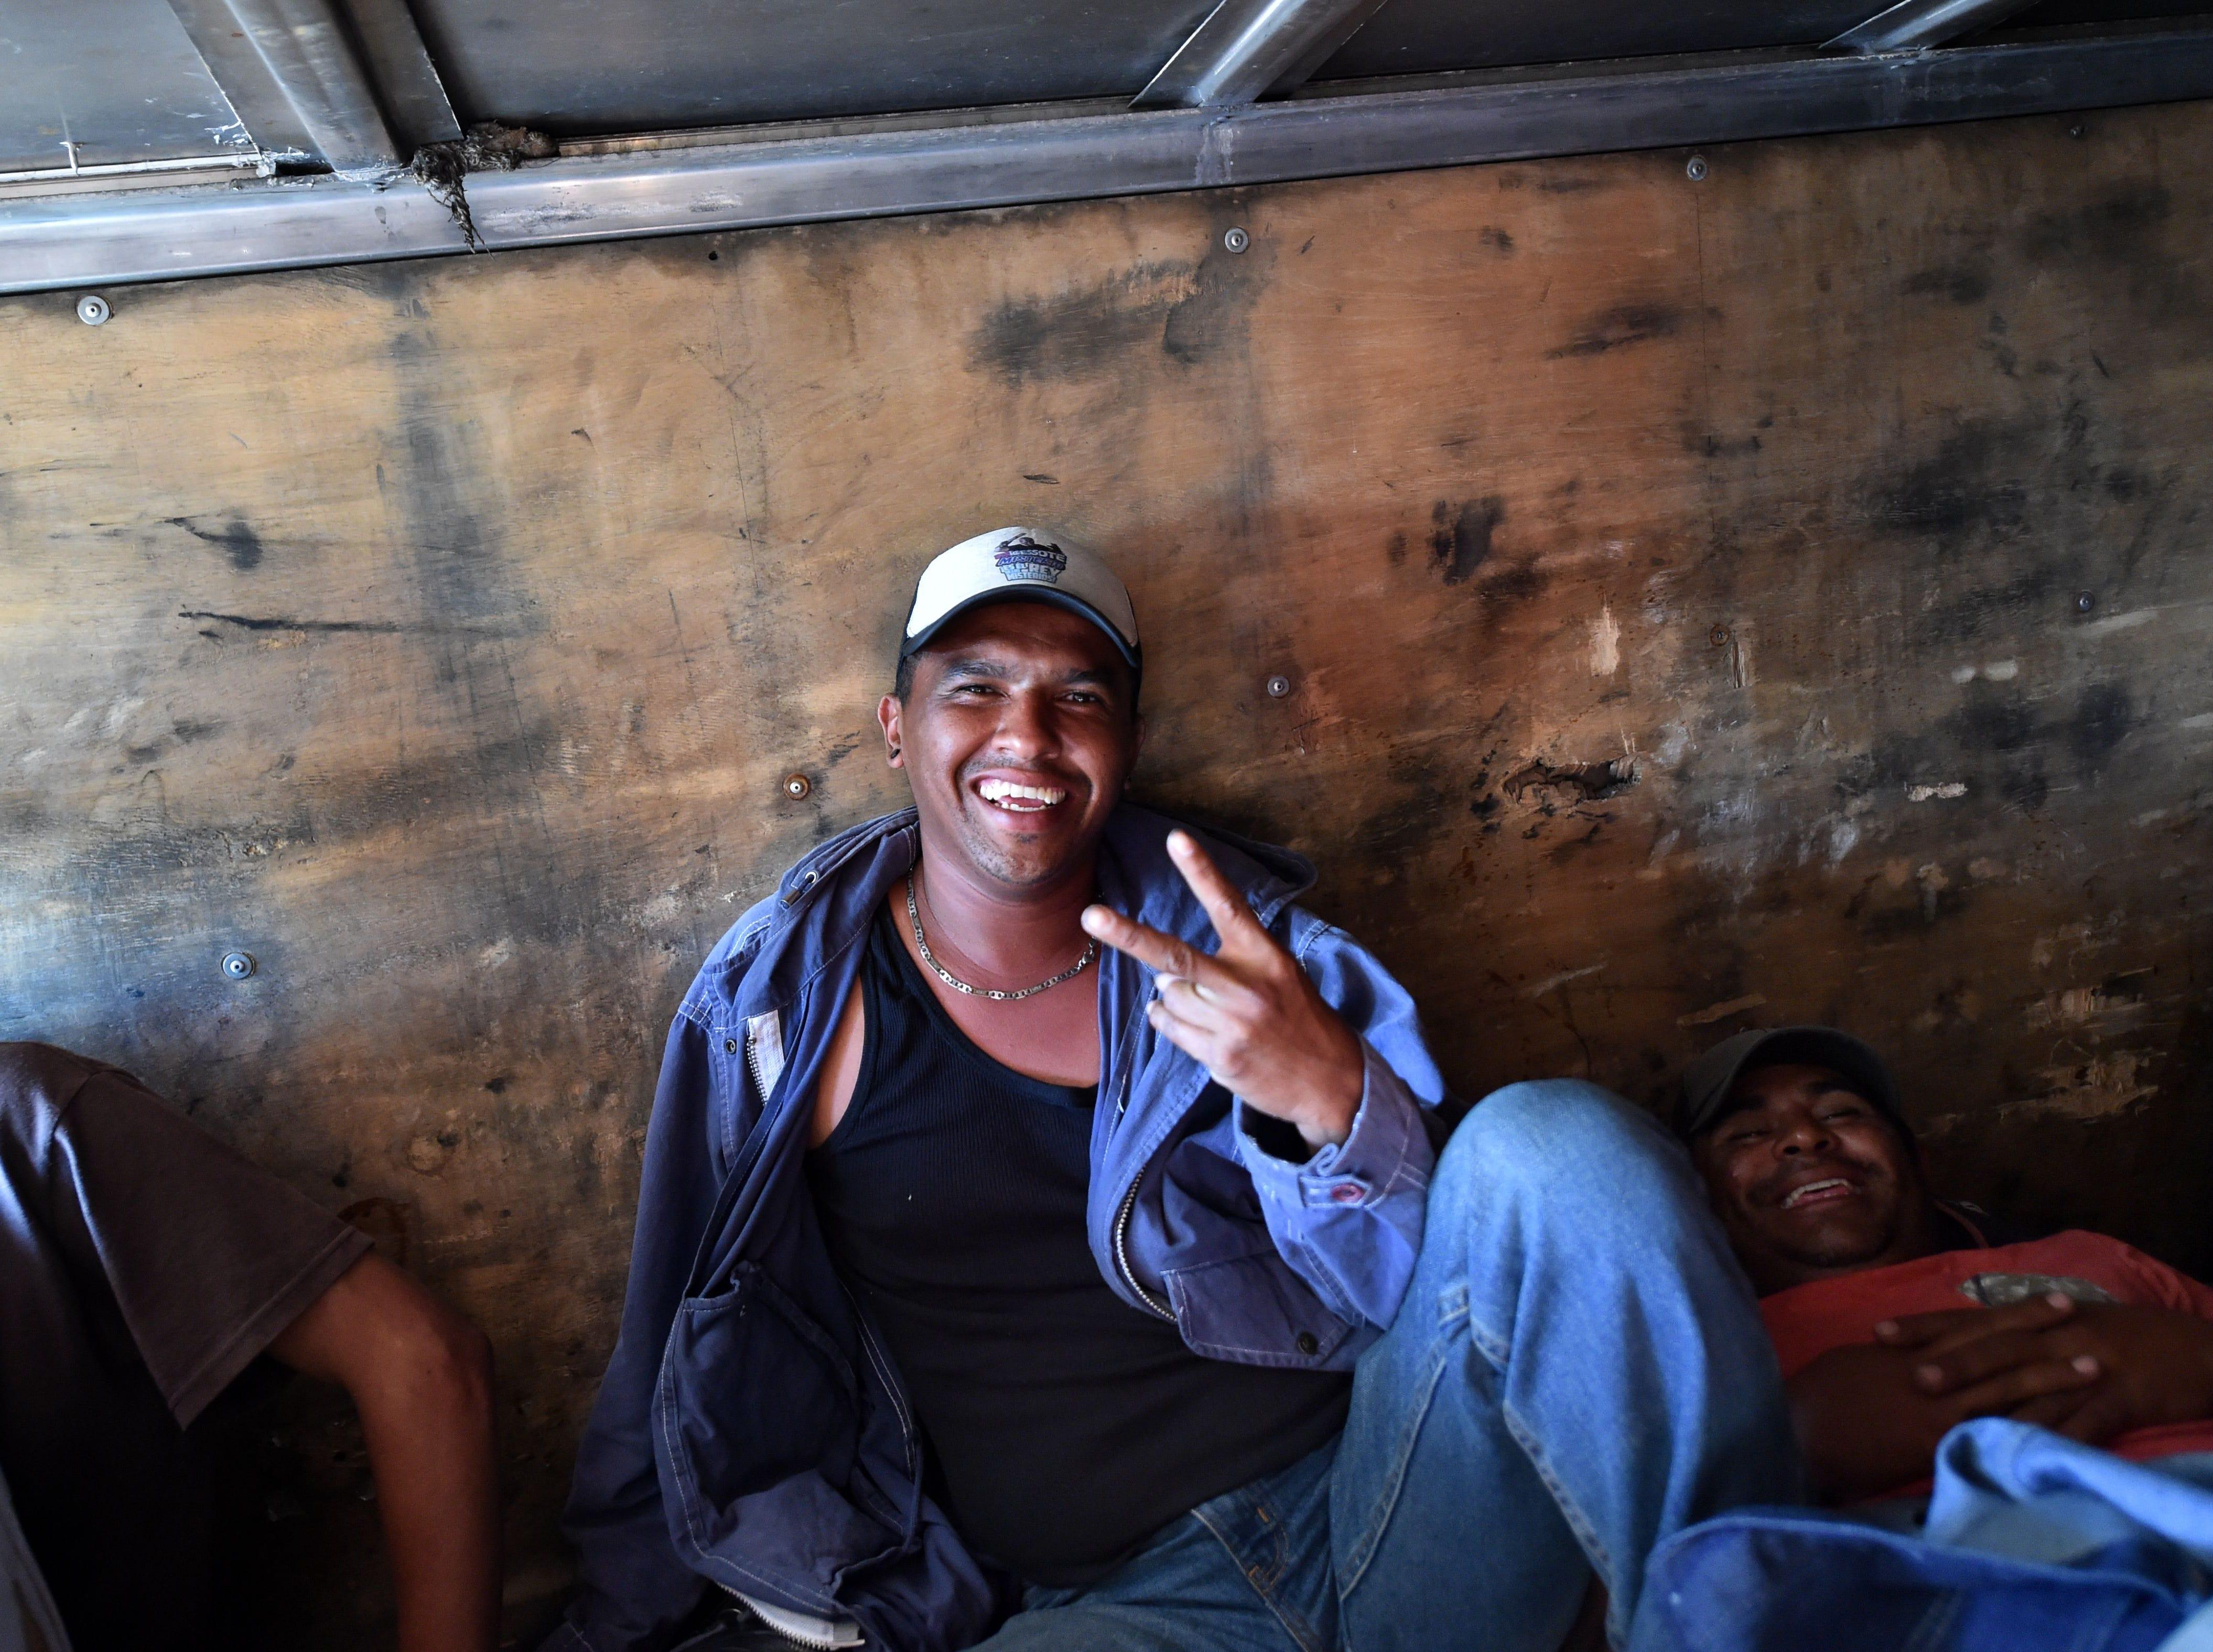 La actitud sobre todas las cosas. Estos son los rostros de los migrantes centroamericanos que huyen de la pobreza y violencia que se vive en sus países; y que por medio de una caravana caminan cientos de kilómetros cruzando ciudades, ríos, carreteras, bosques y fronteras, con el firme propósito de hacer realidad su sueño de llegar a los Estados Unidos.